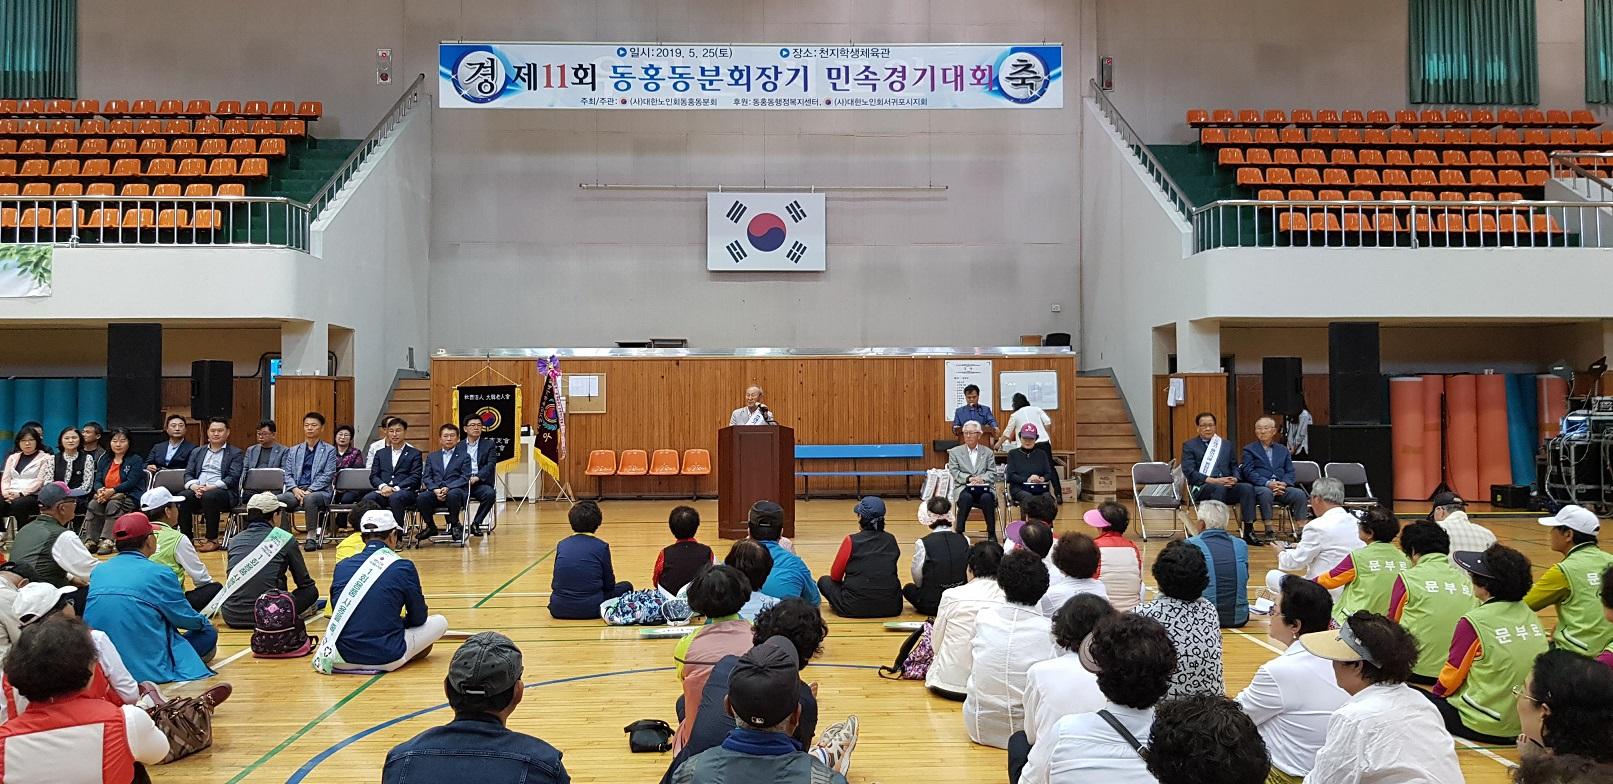 동홍동 노인회, 제11회 동홍동분회장기 민속경기대회 개최1.jpg